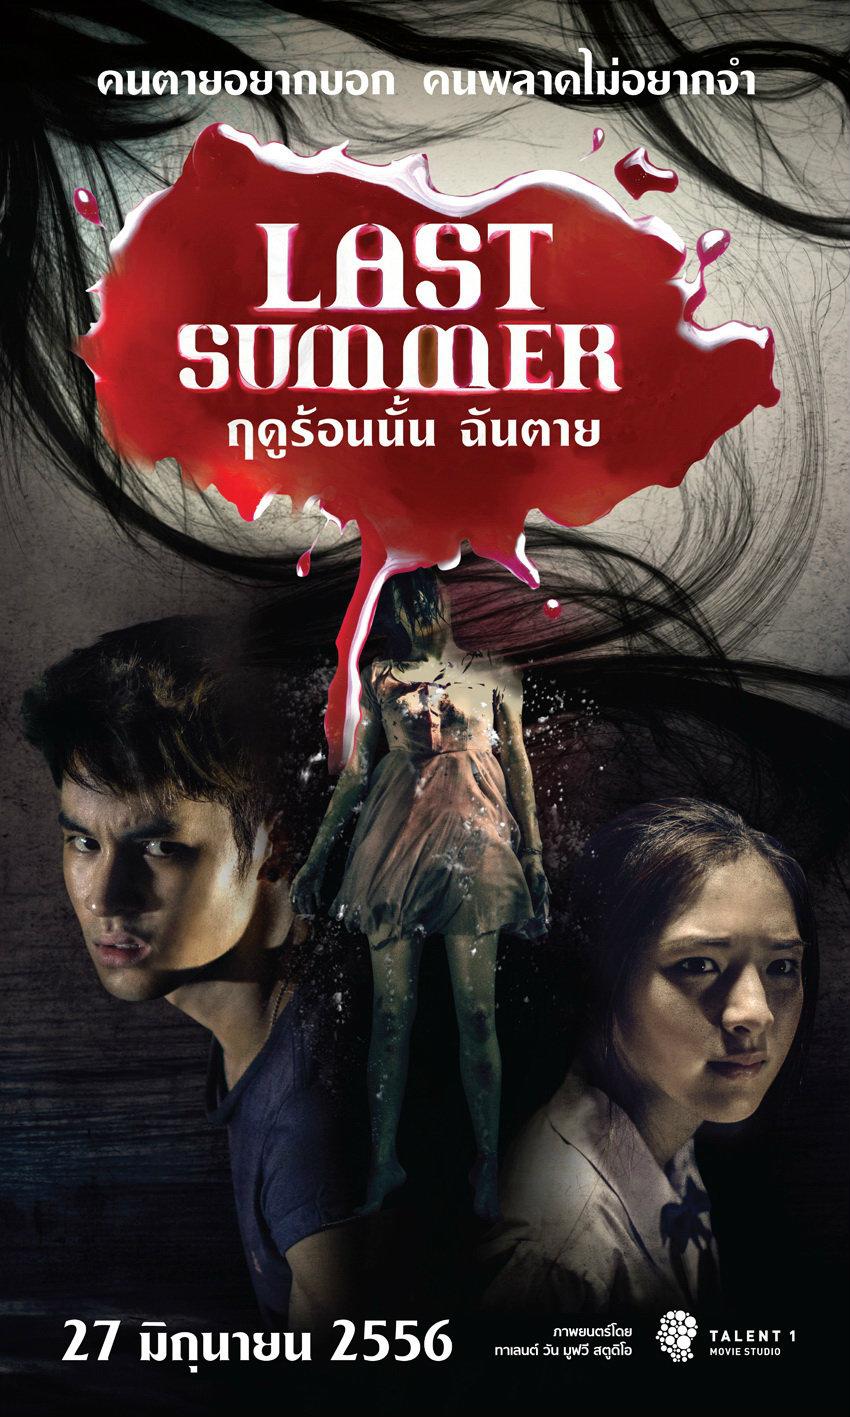 Last Summer (2013) ฤดูร้อนนั้น ฉันตาย